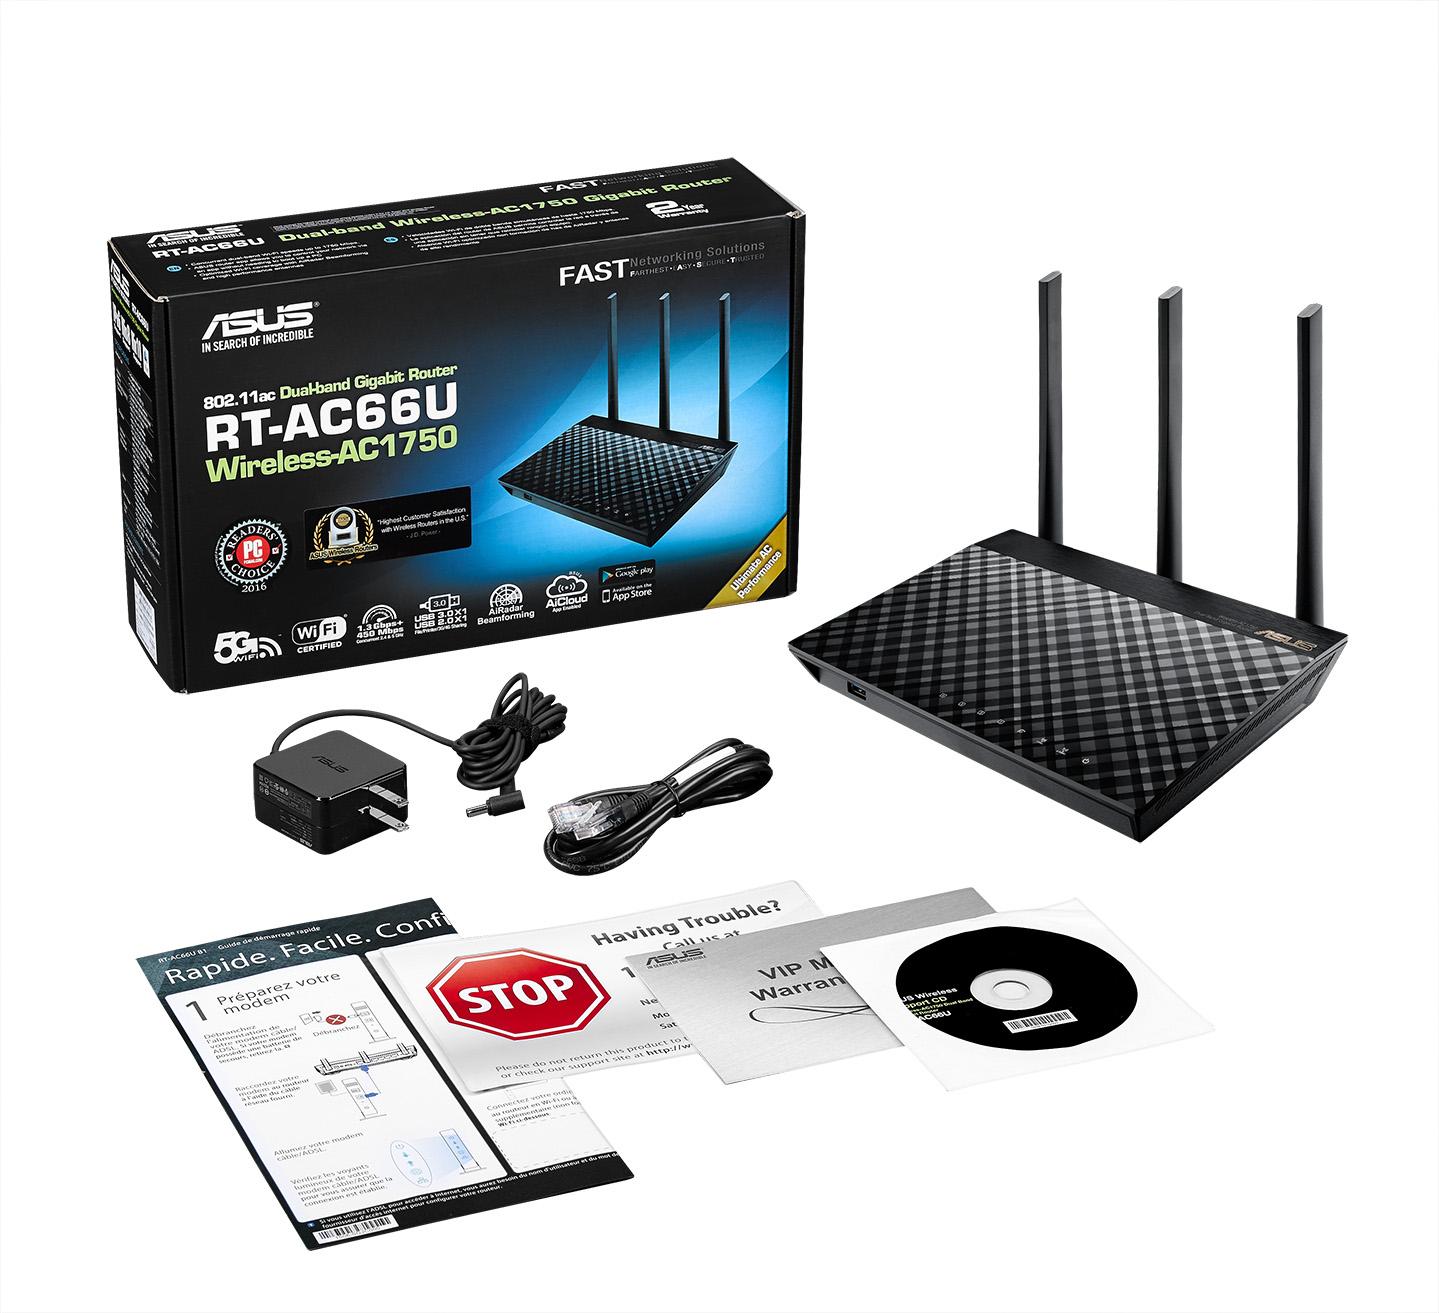 支持梅林吃鸡神器 wifi 双频无线路由器千兆 AC1750B1 RT 华硕